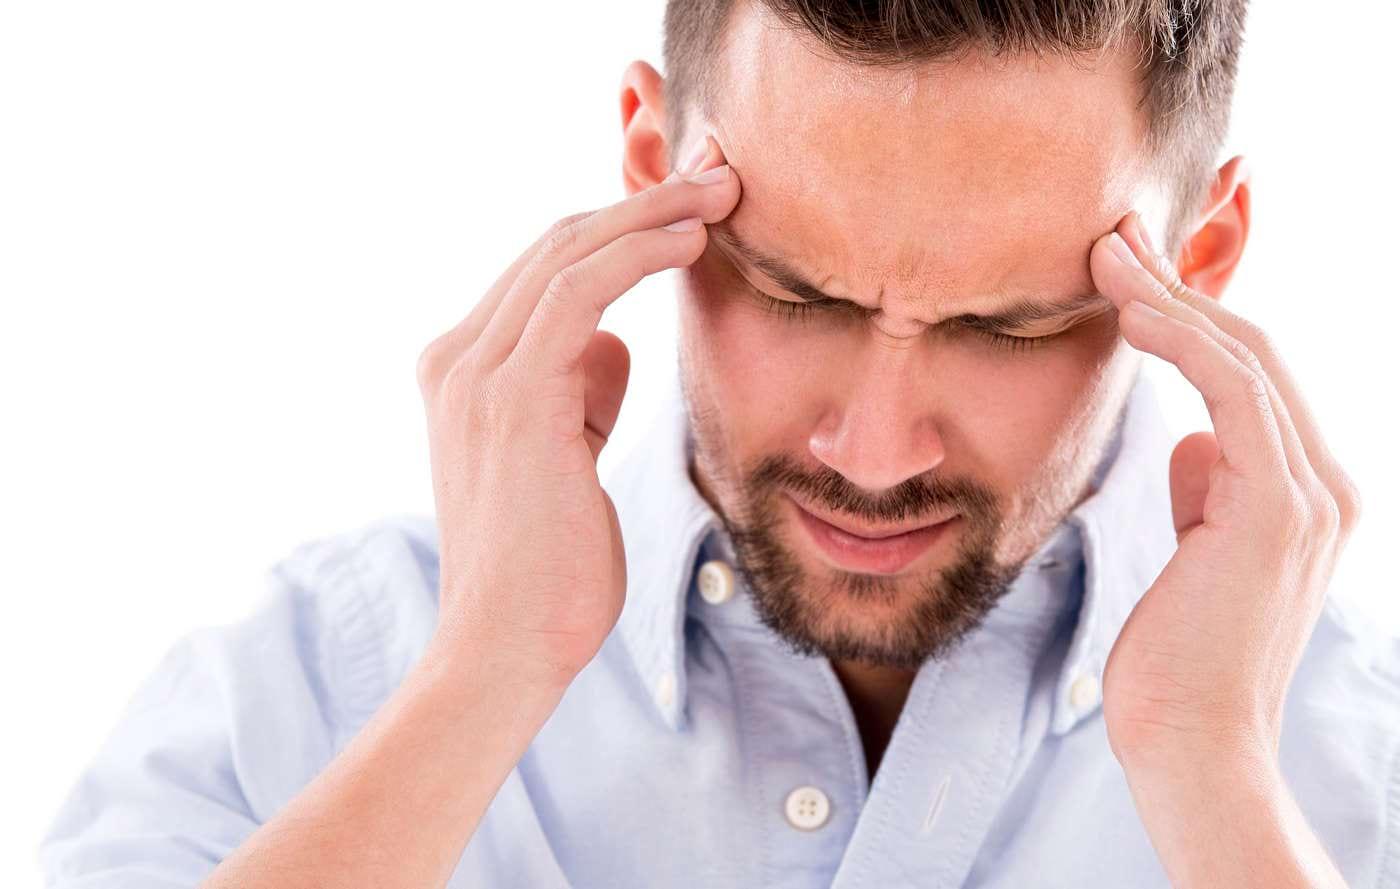 Totul despre nevralgie- simptome, cauze și tratament